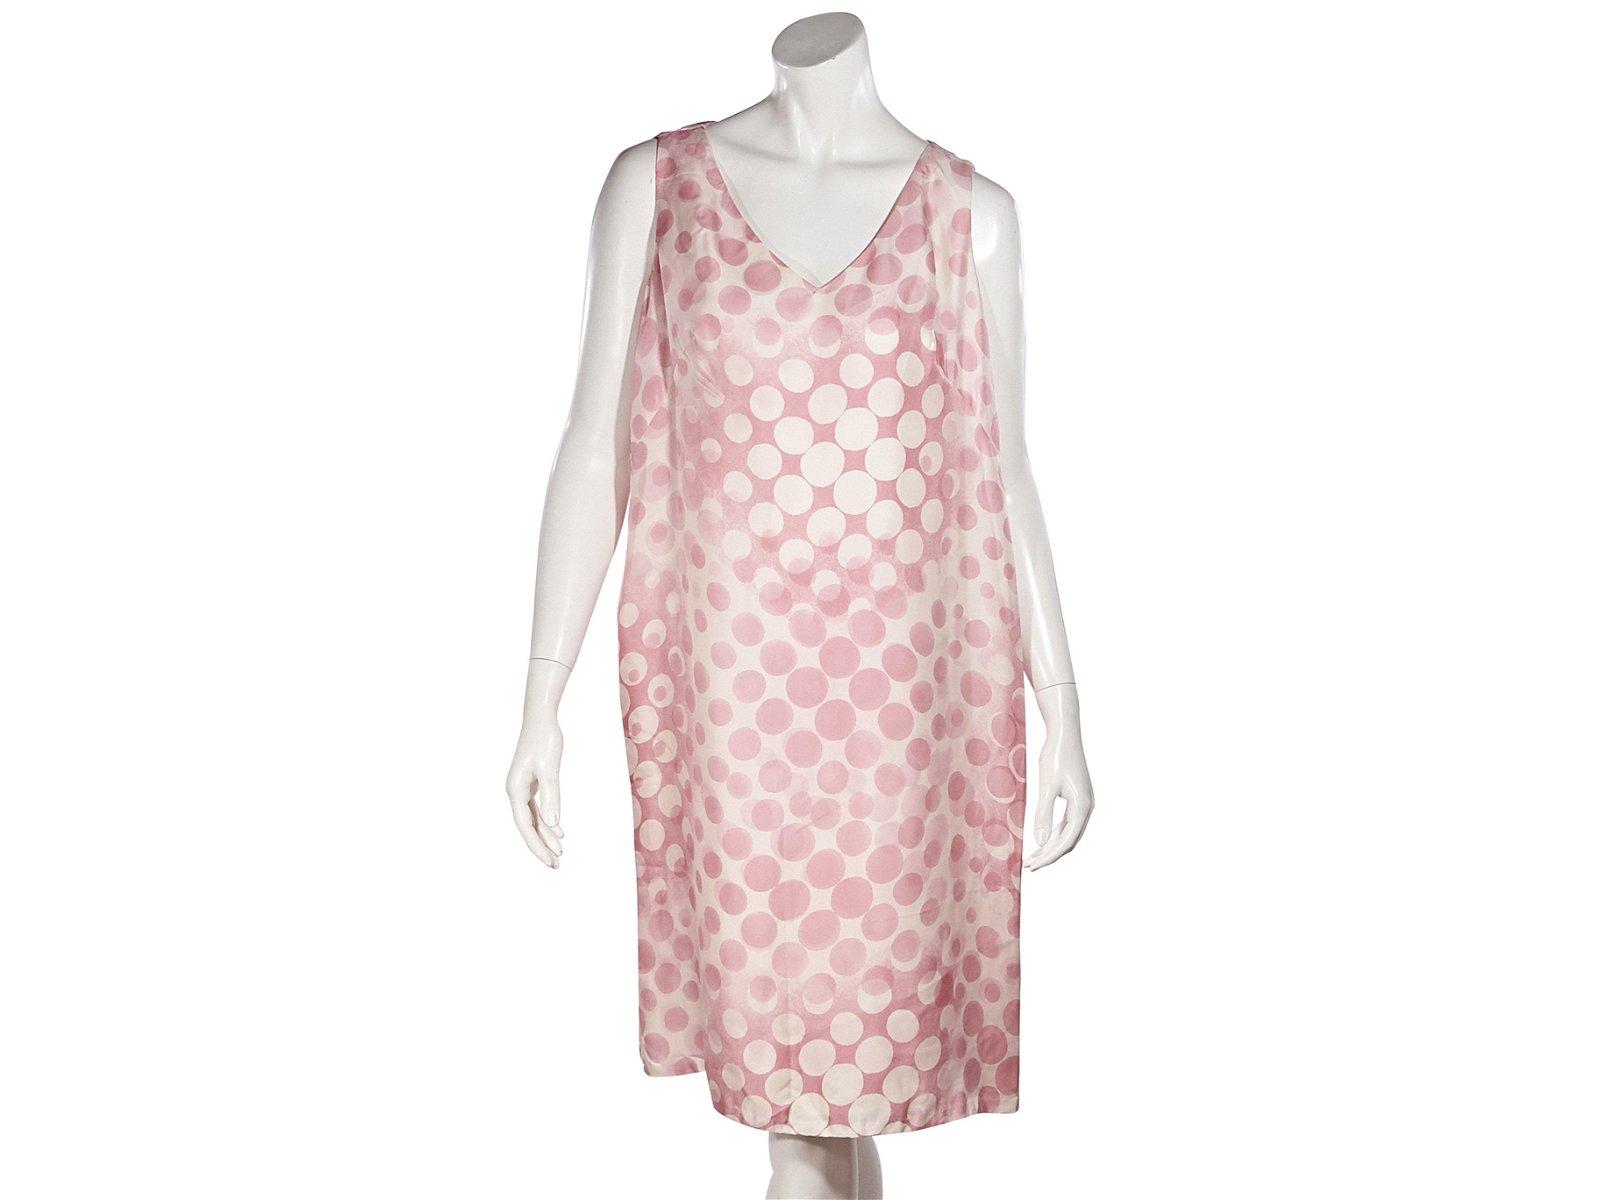 Pink & Cream Escada Polka-Dot Shift Dress